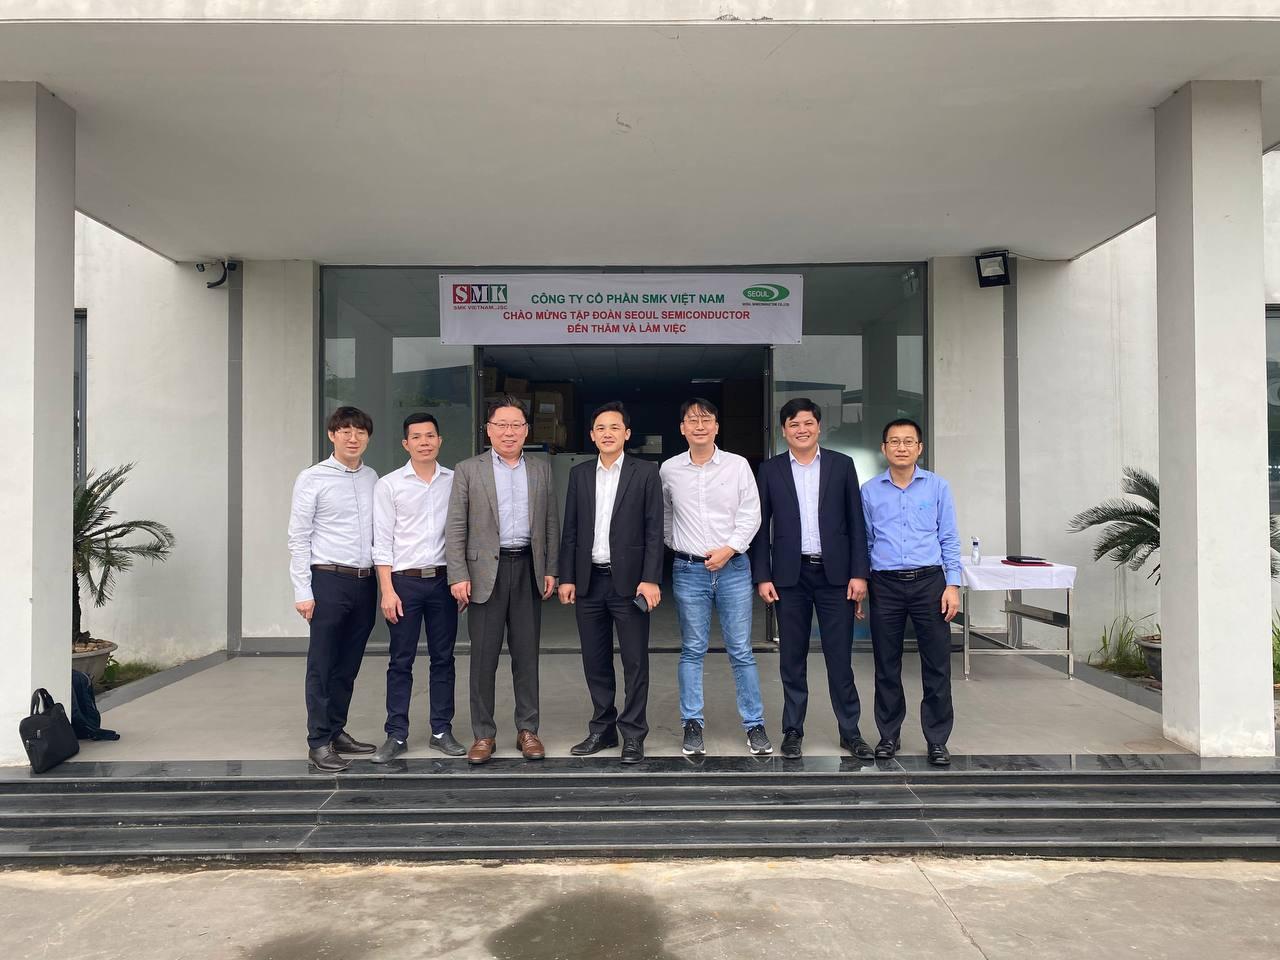 Tập đoàn Seoul Semiconductor đến thăm nhà máy SMK Việt Nam